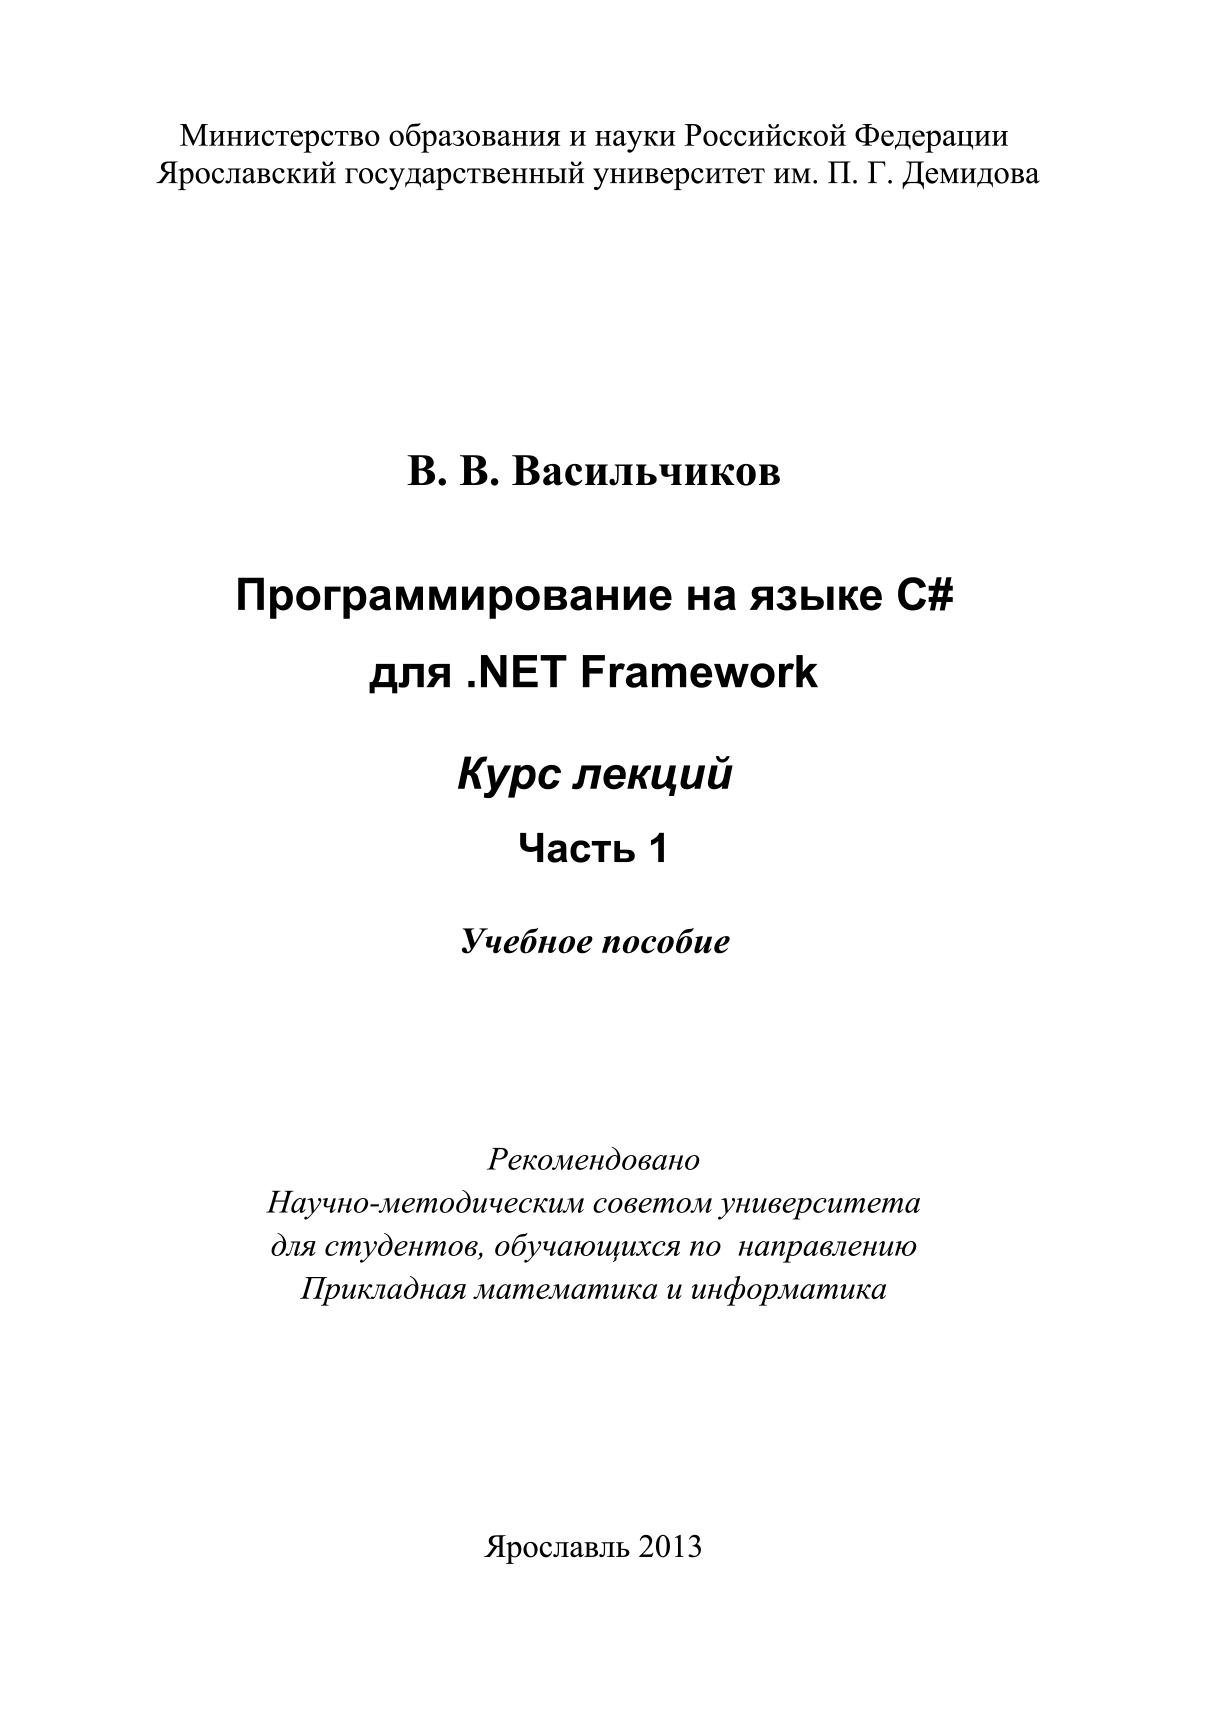 В. В. Васильчиков Программирование на языке С# для .NET Framework. Курс лекций. Часть 1